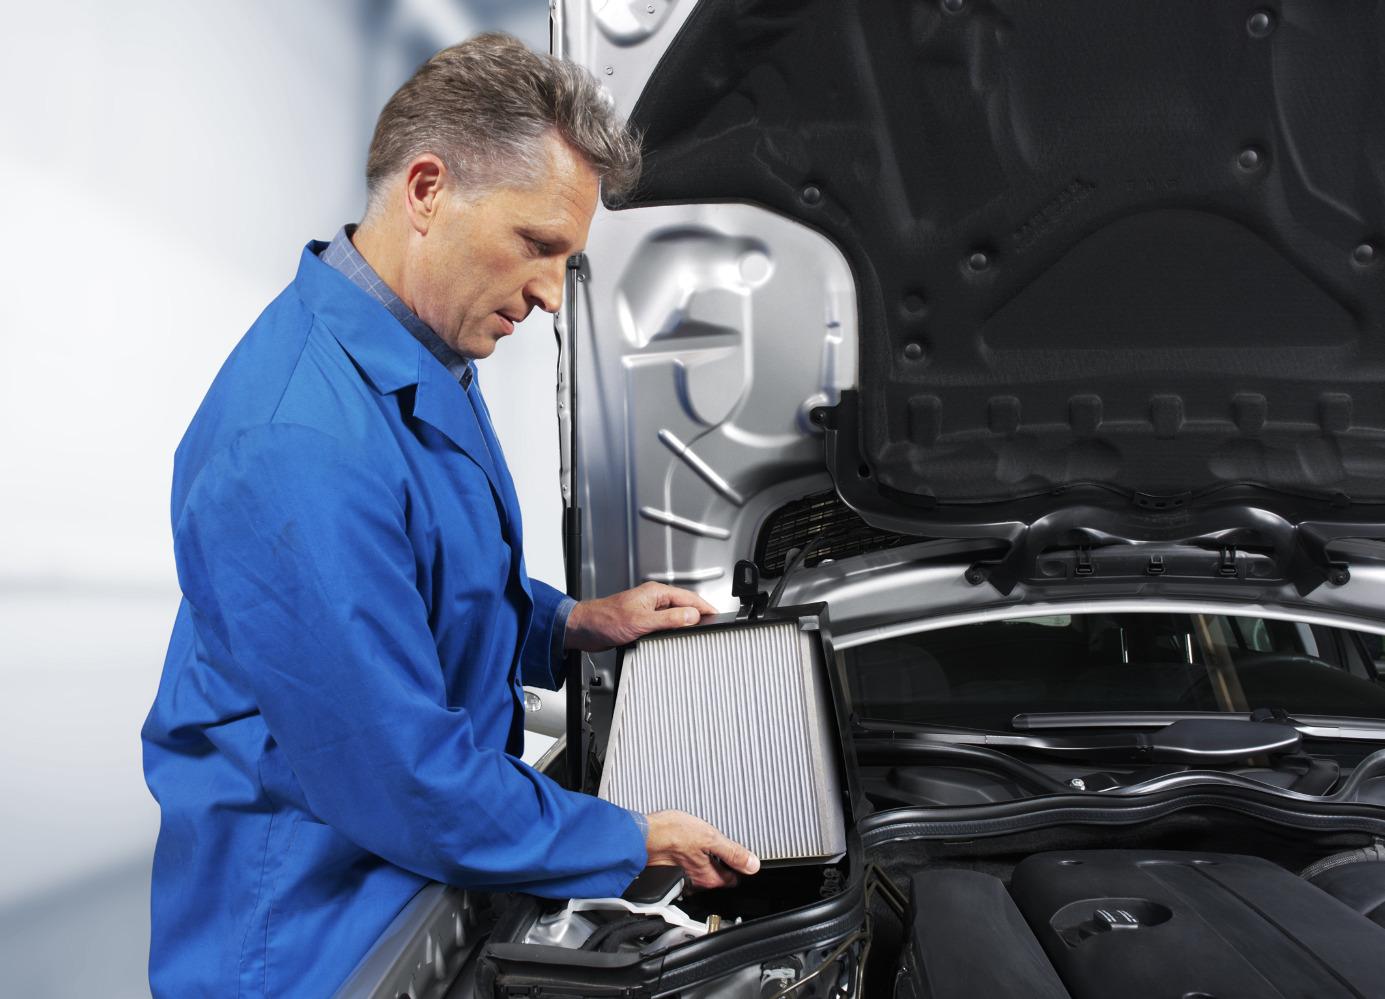 Как ухаживать за автомобилем? Кондиционер – важный источник комфорта.